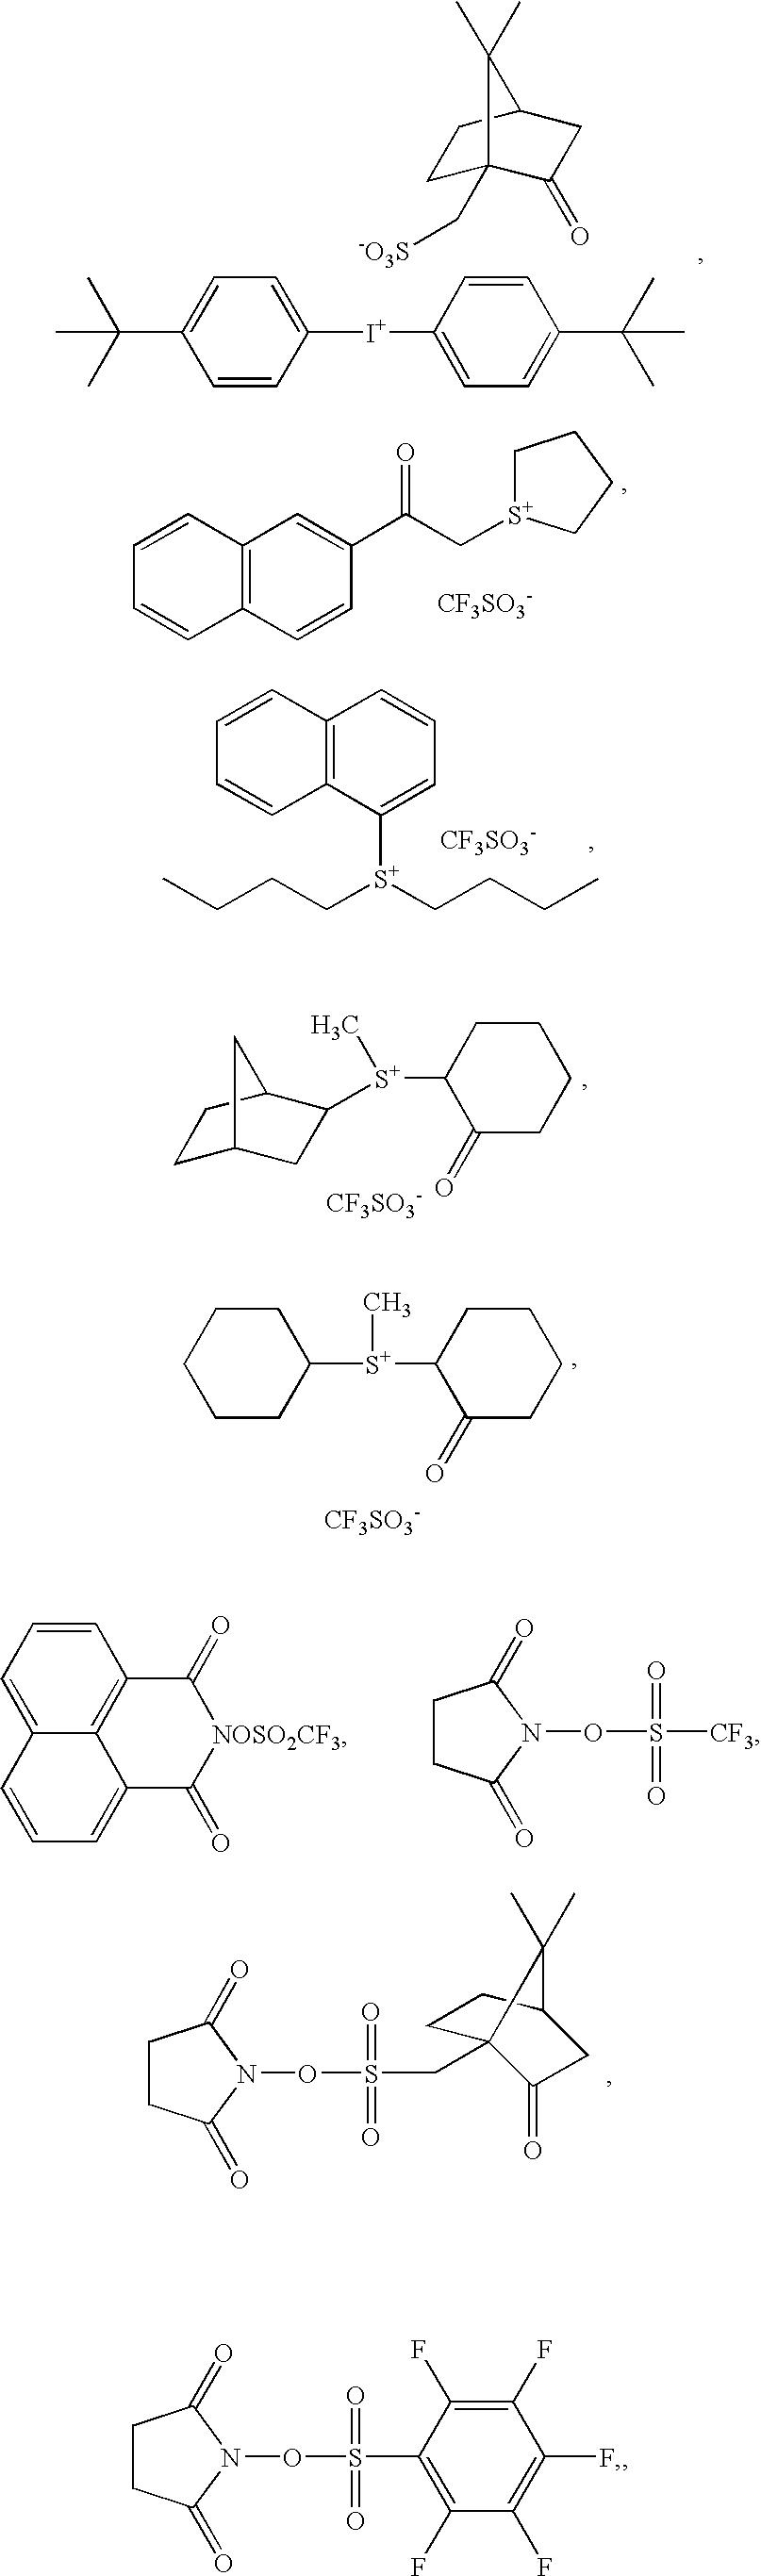 Figure US06703178-20040309-C00042